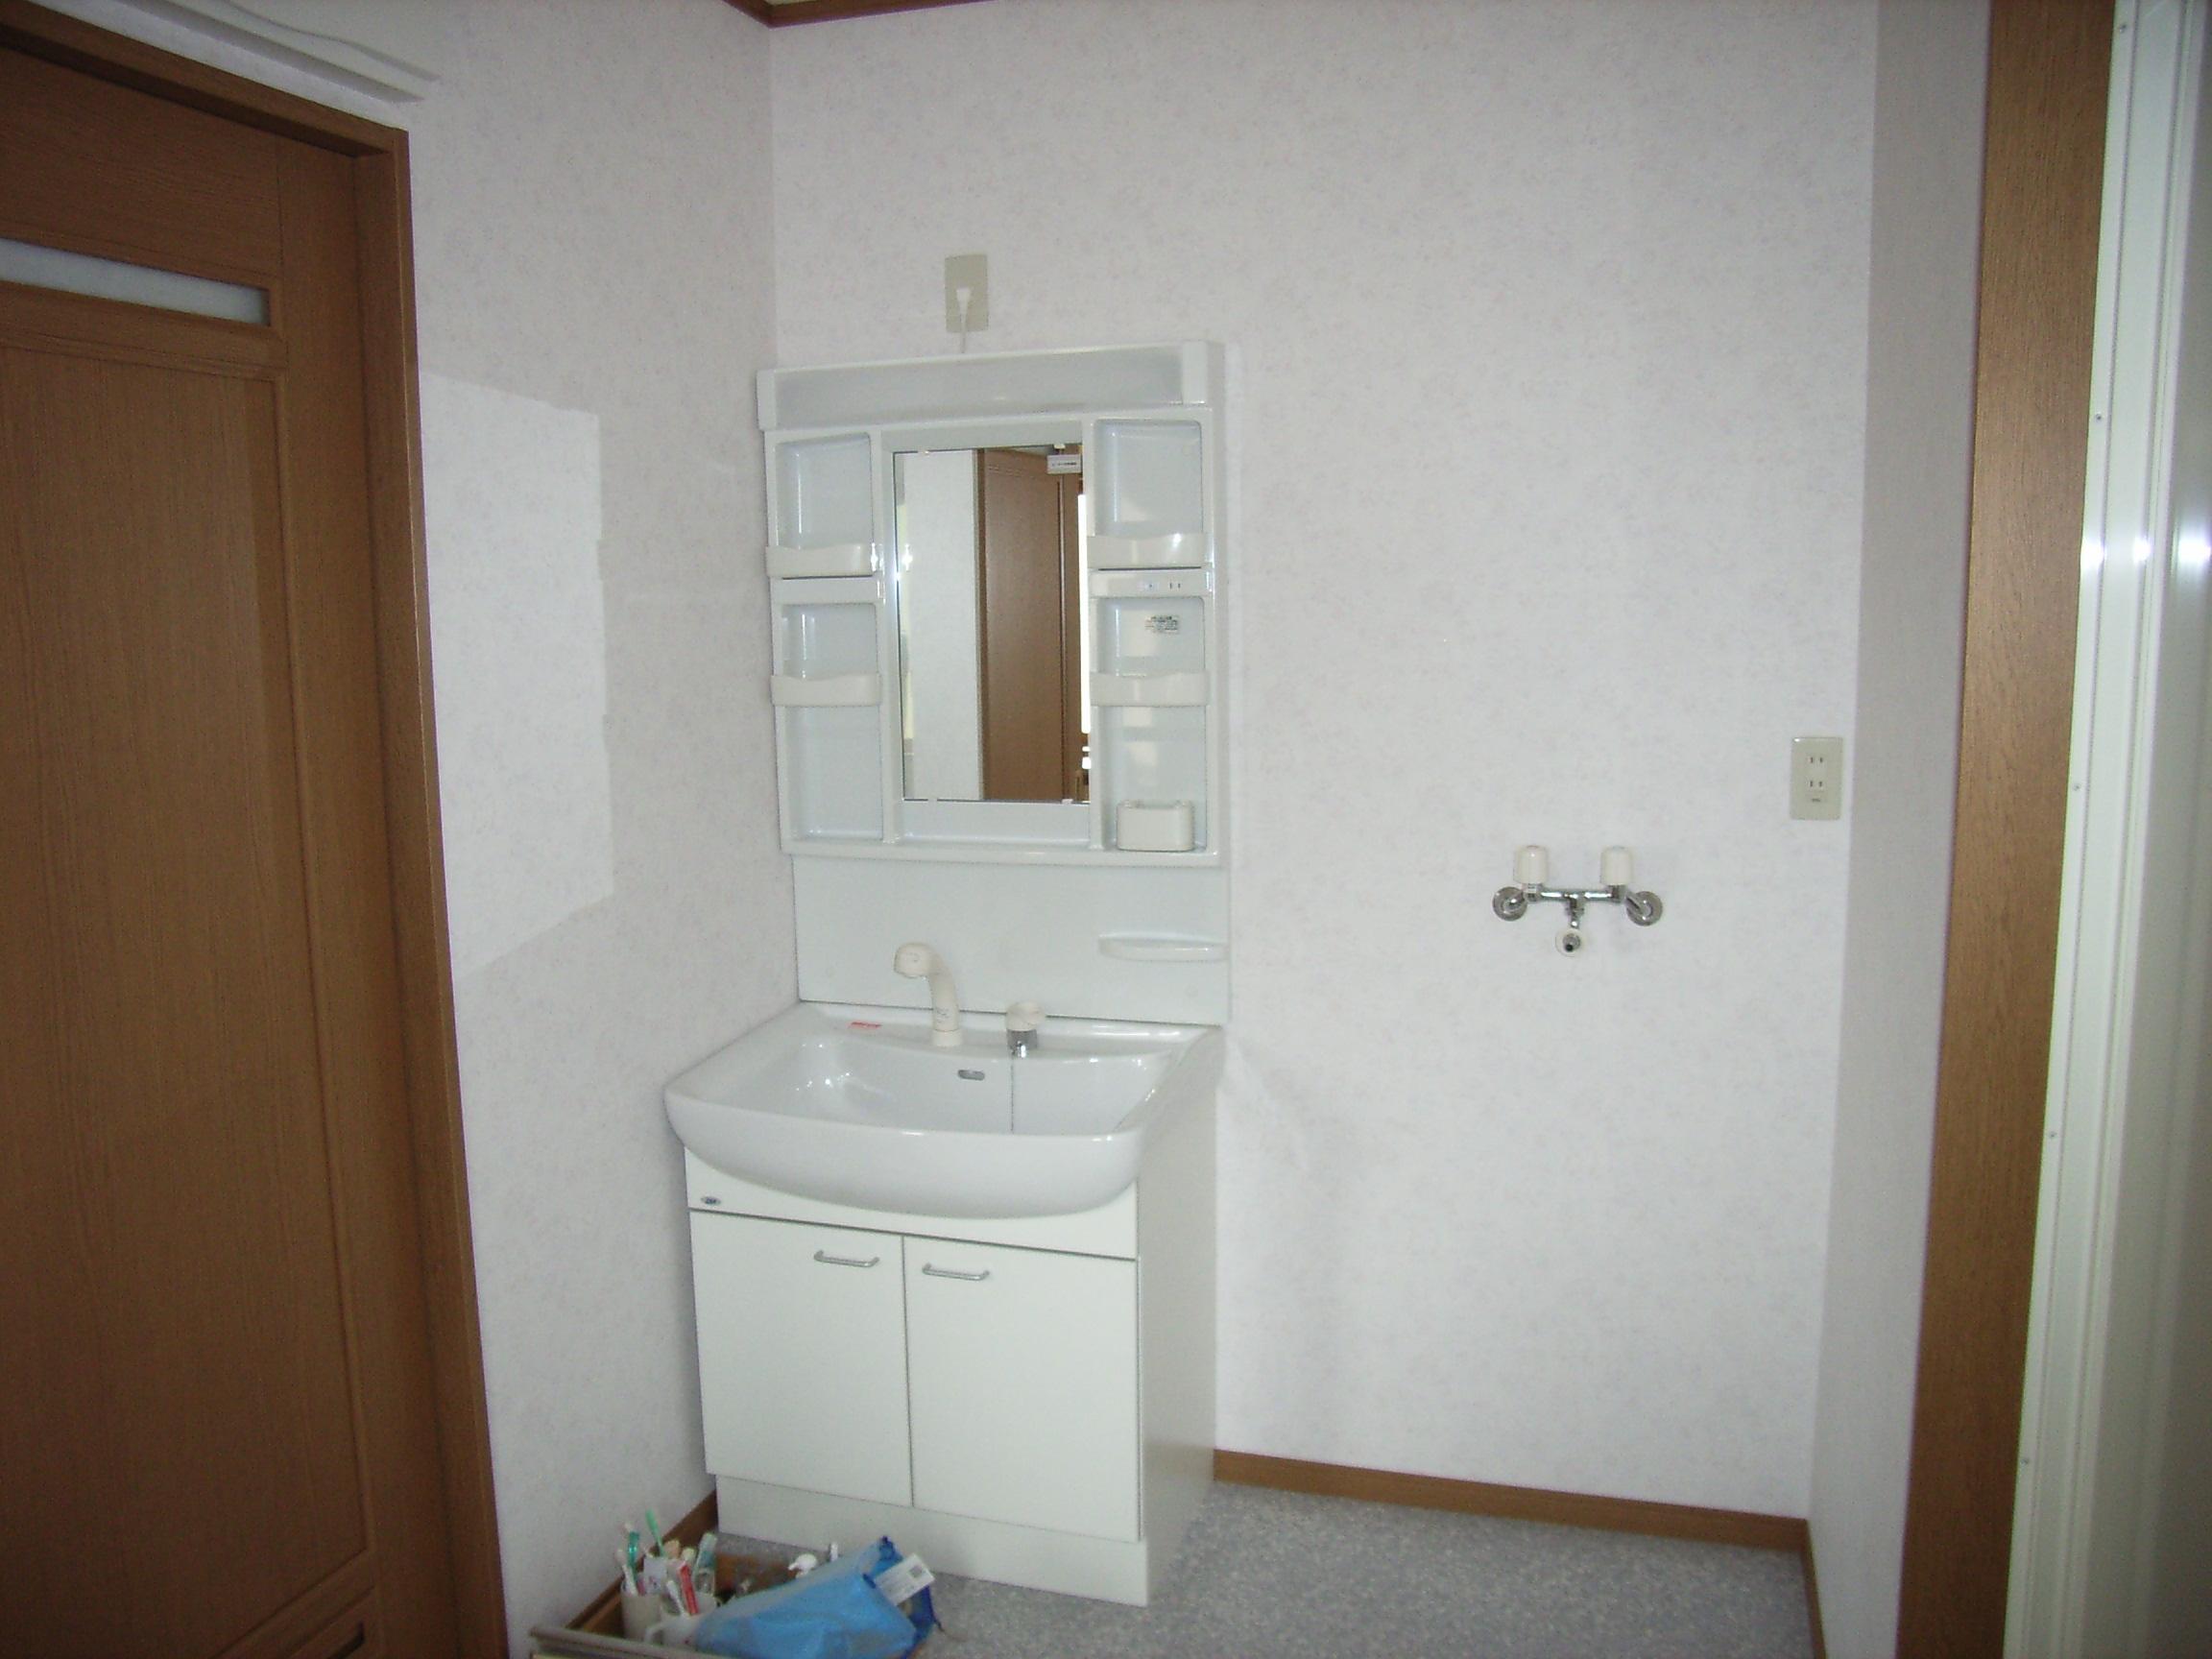 http://www.nagumo-juken.jp/images/s-house5.jpg